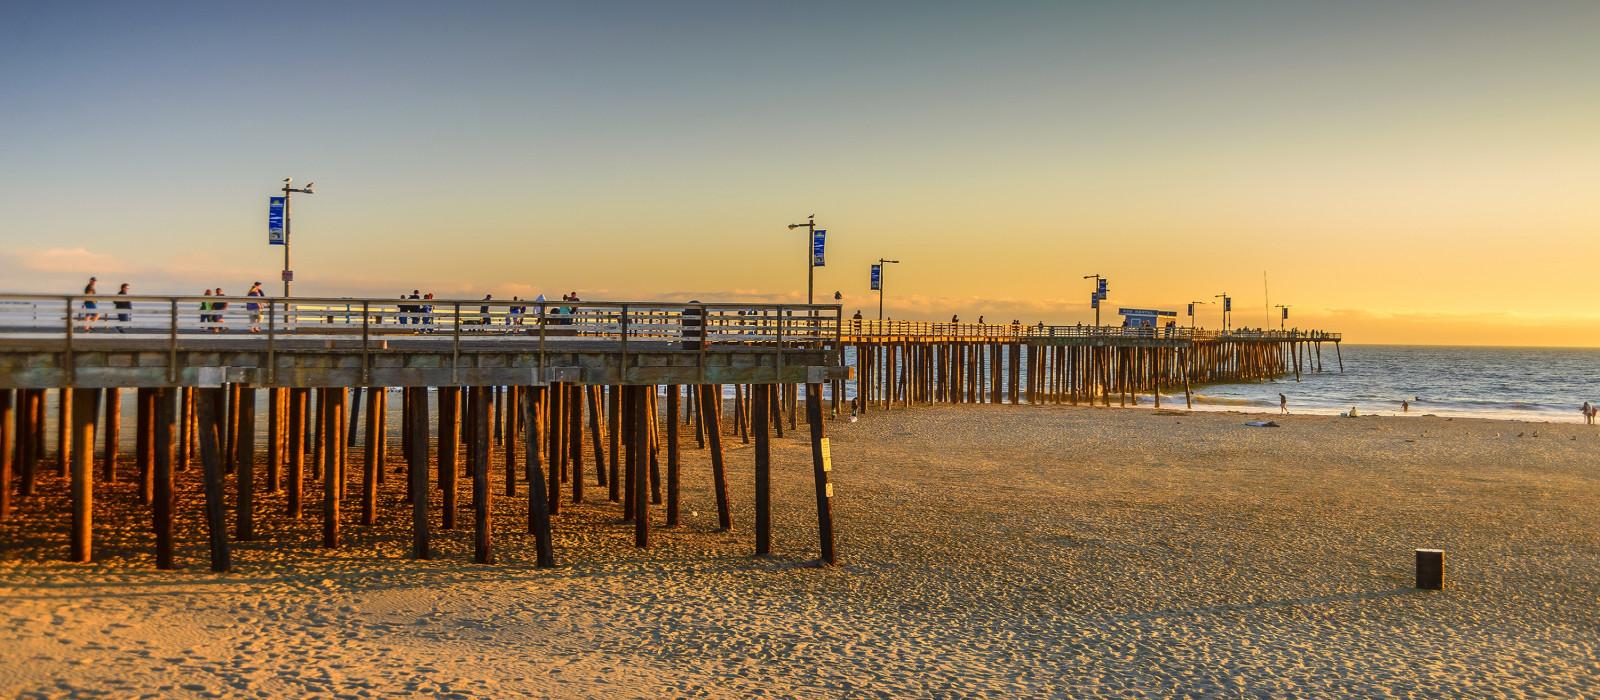 Destination Pismo Beach USA